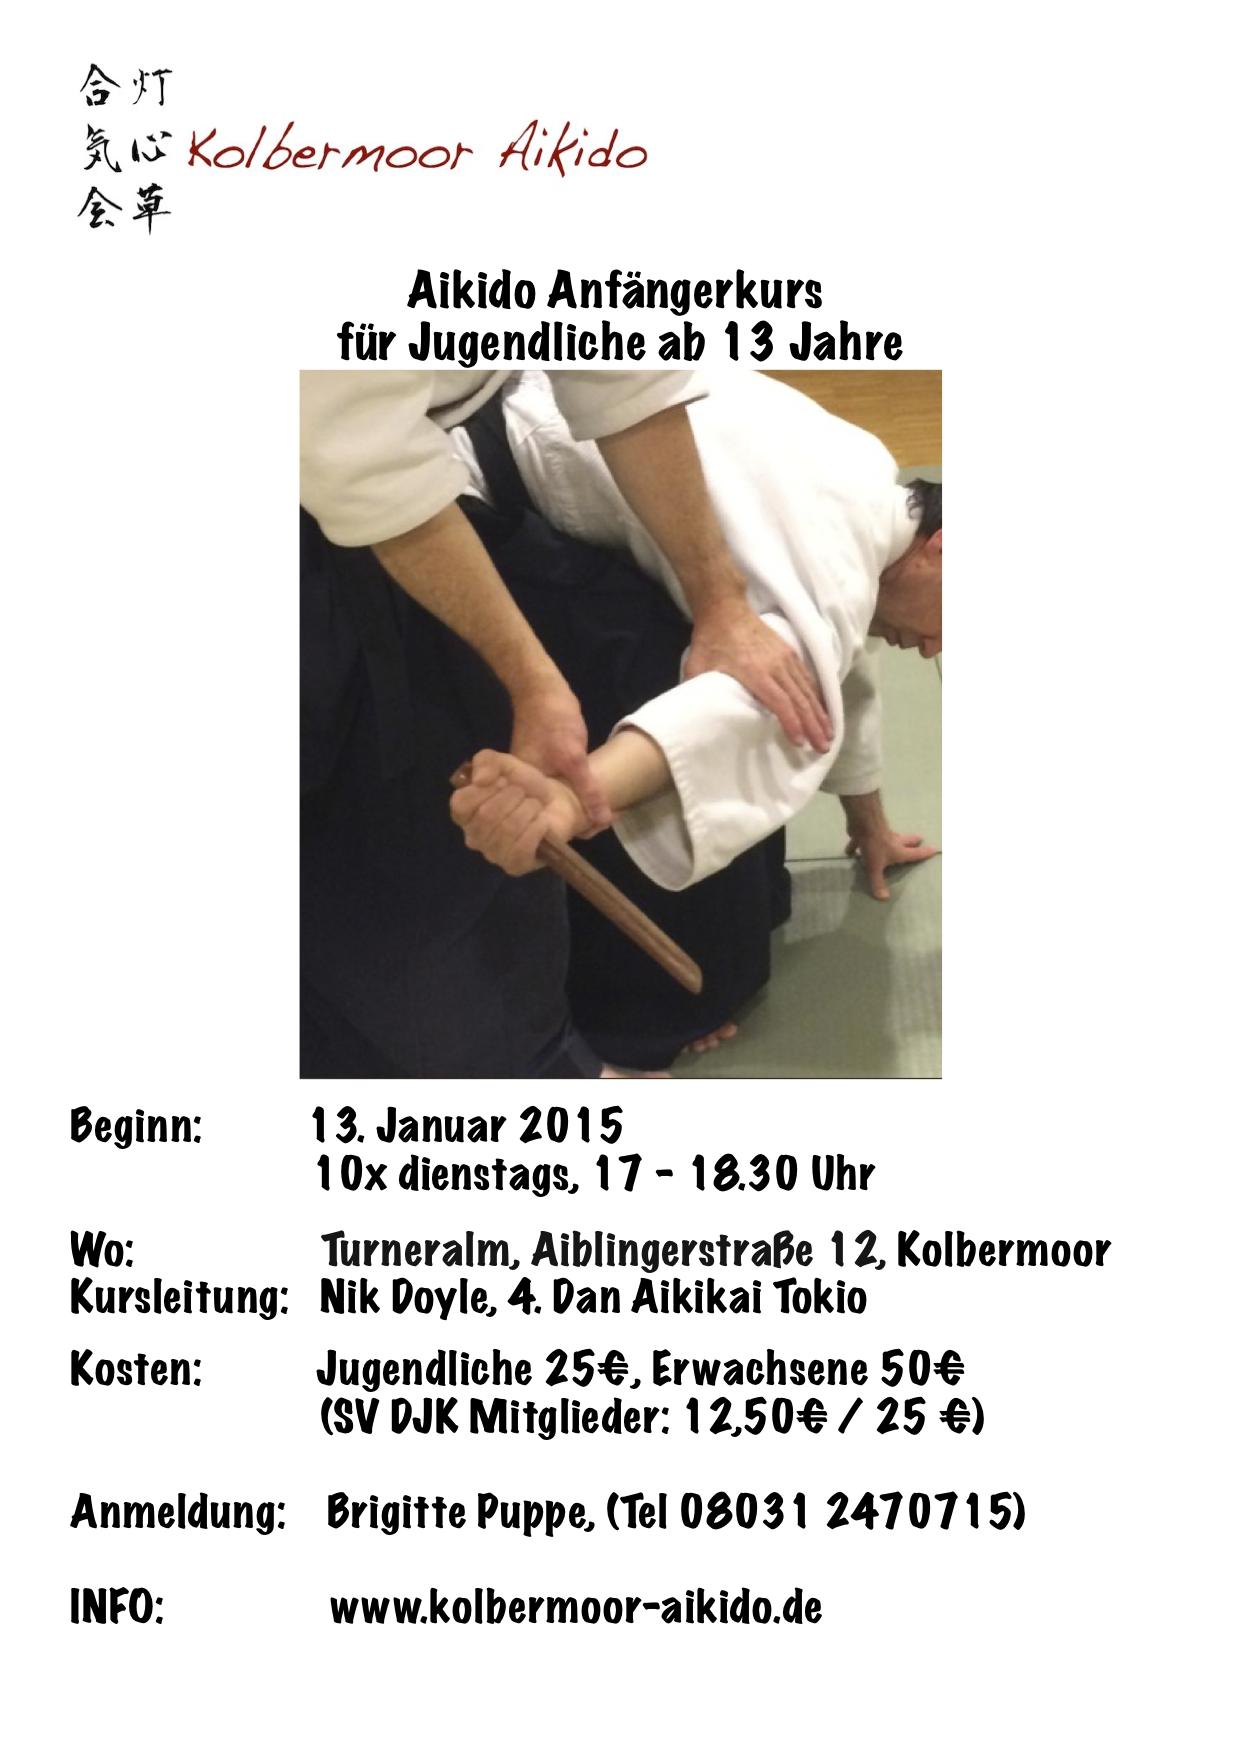 Aikido Anfänger Jan 15